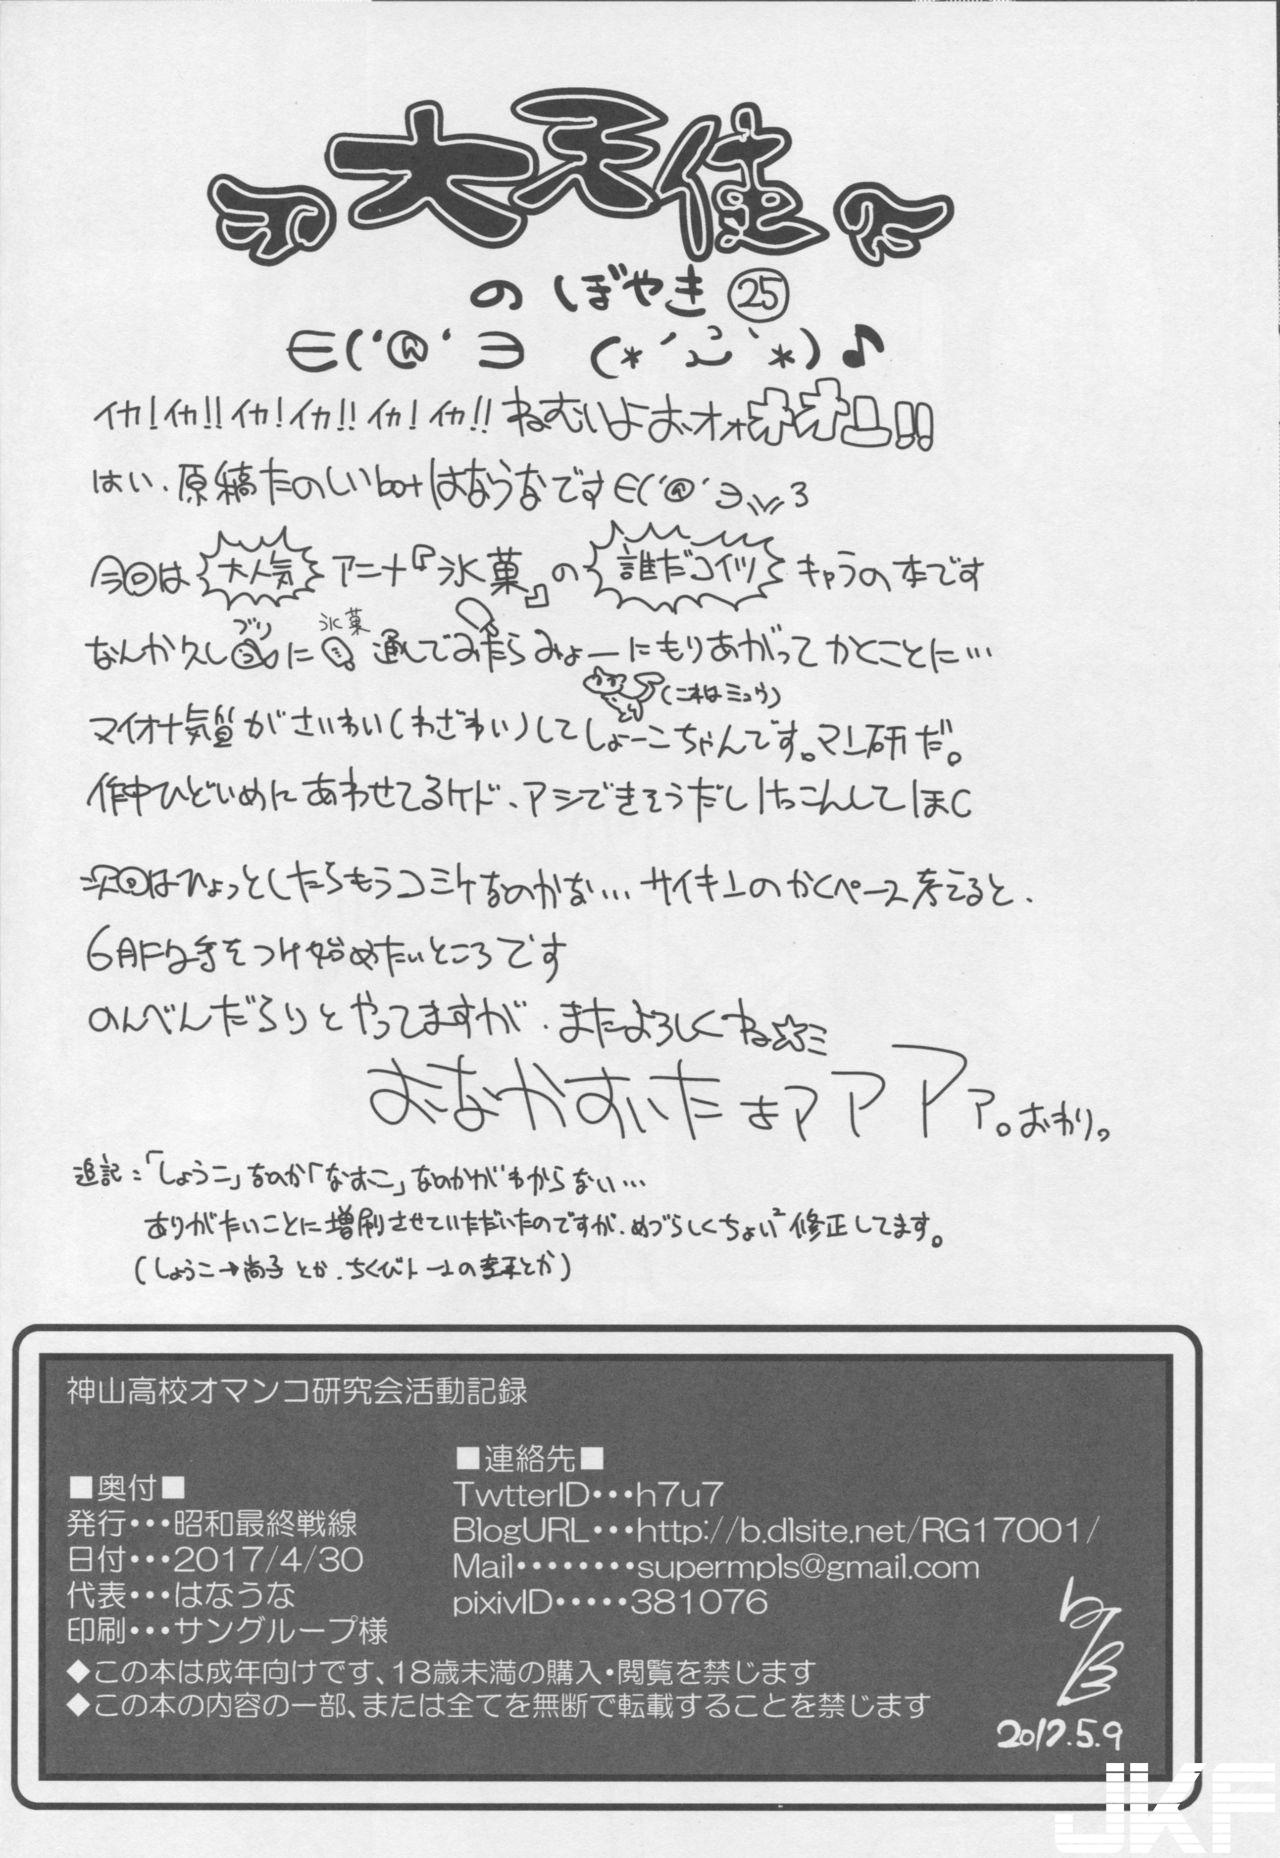 kamiyama_021.jpg